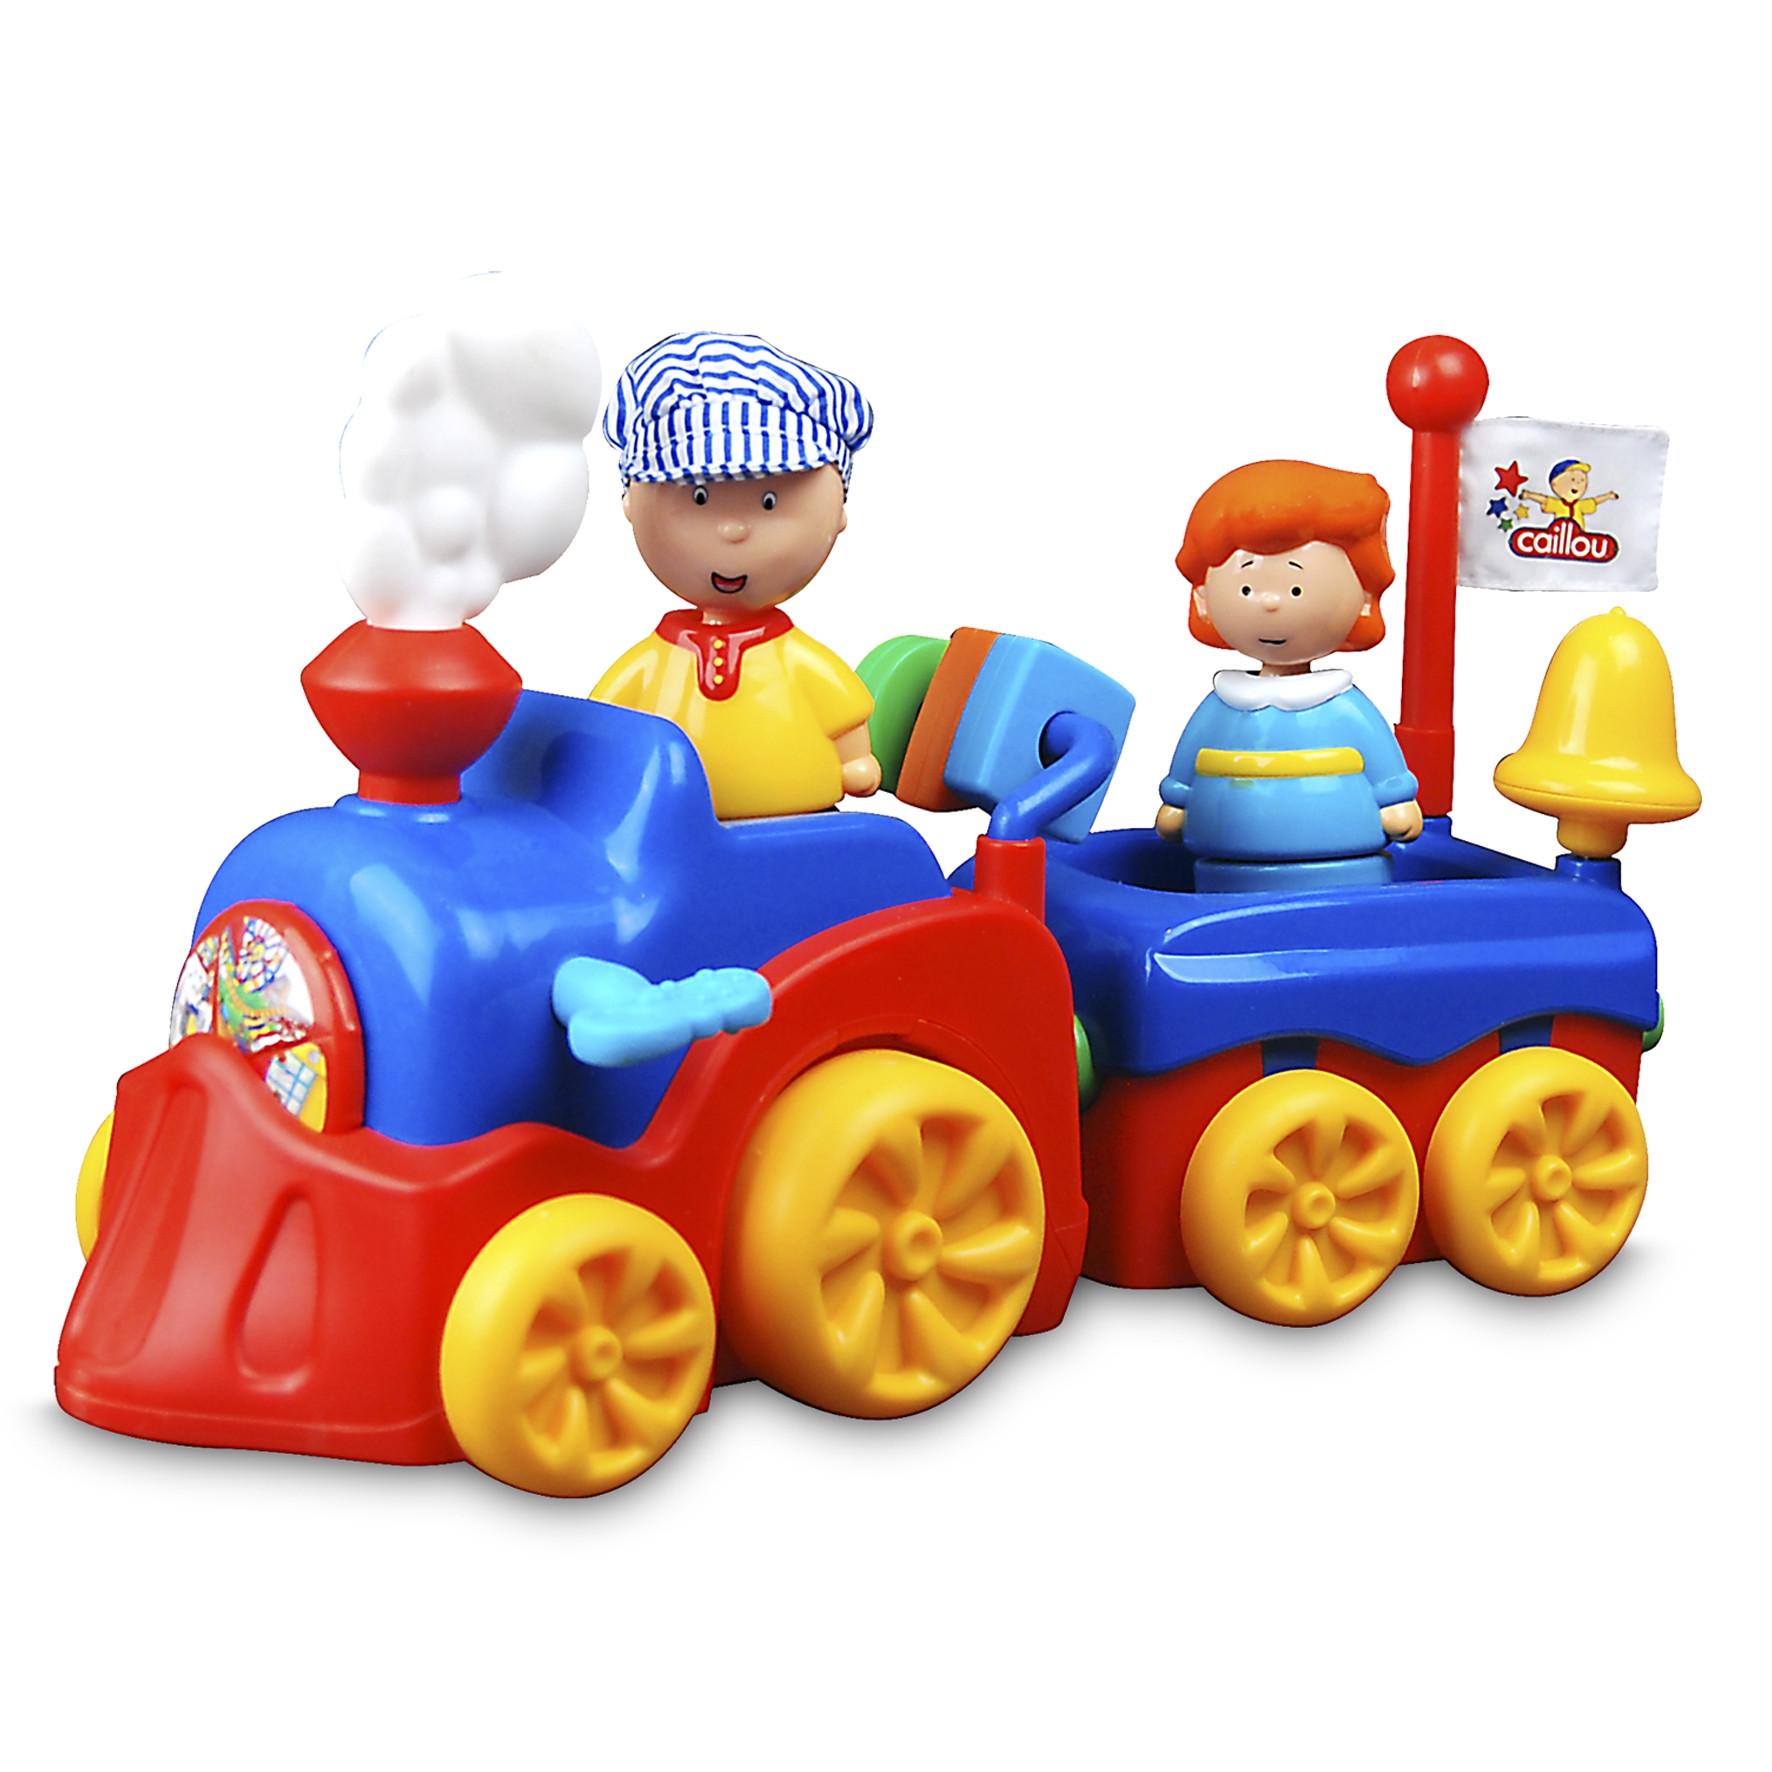 Caillou tren con funciones